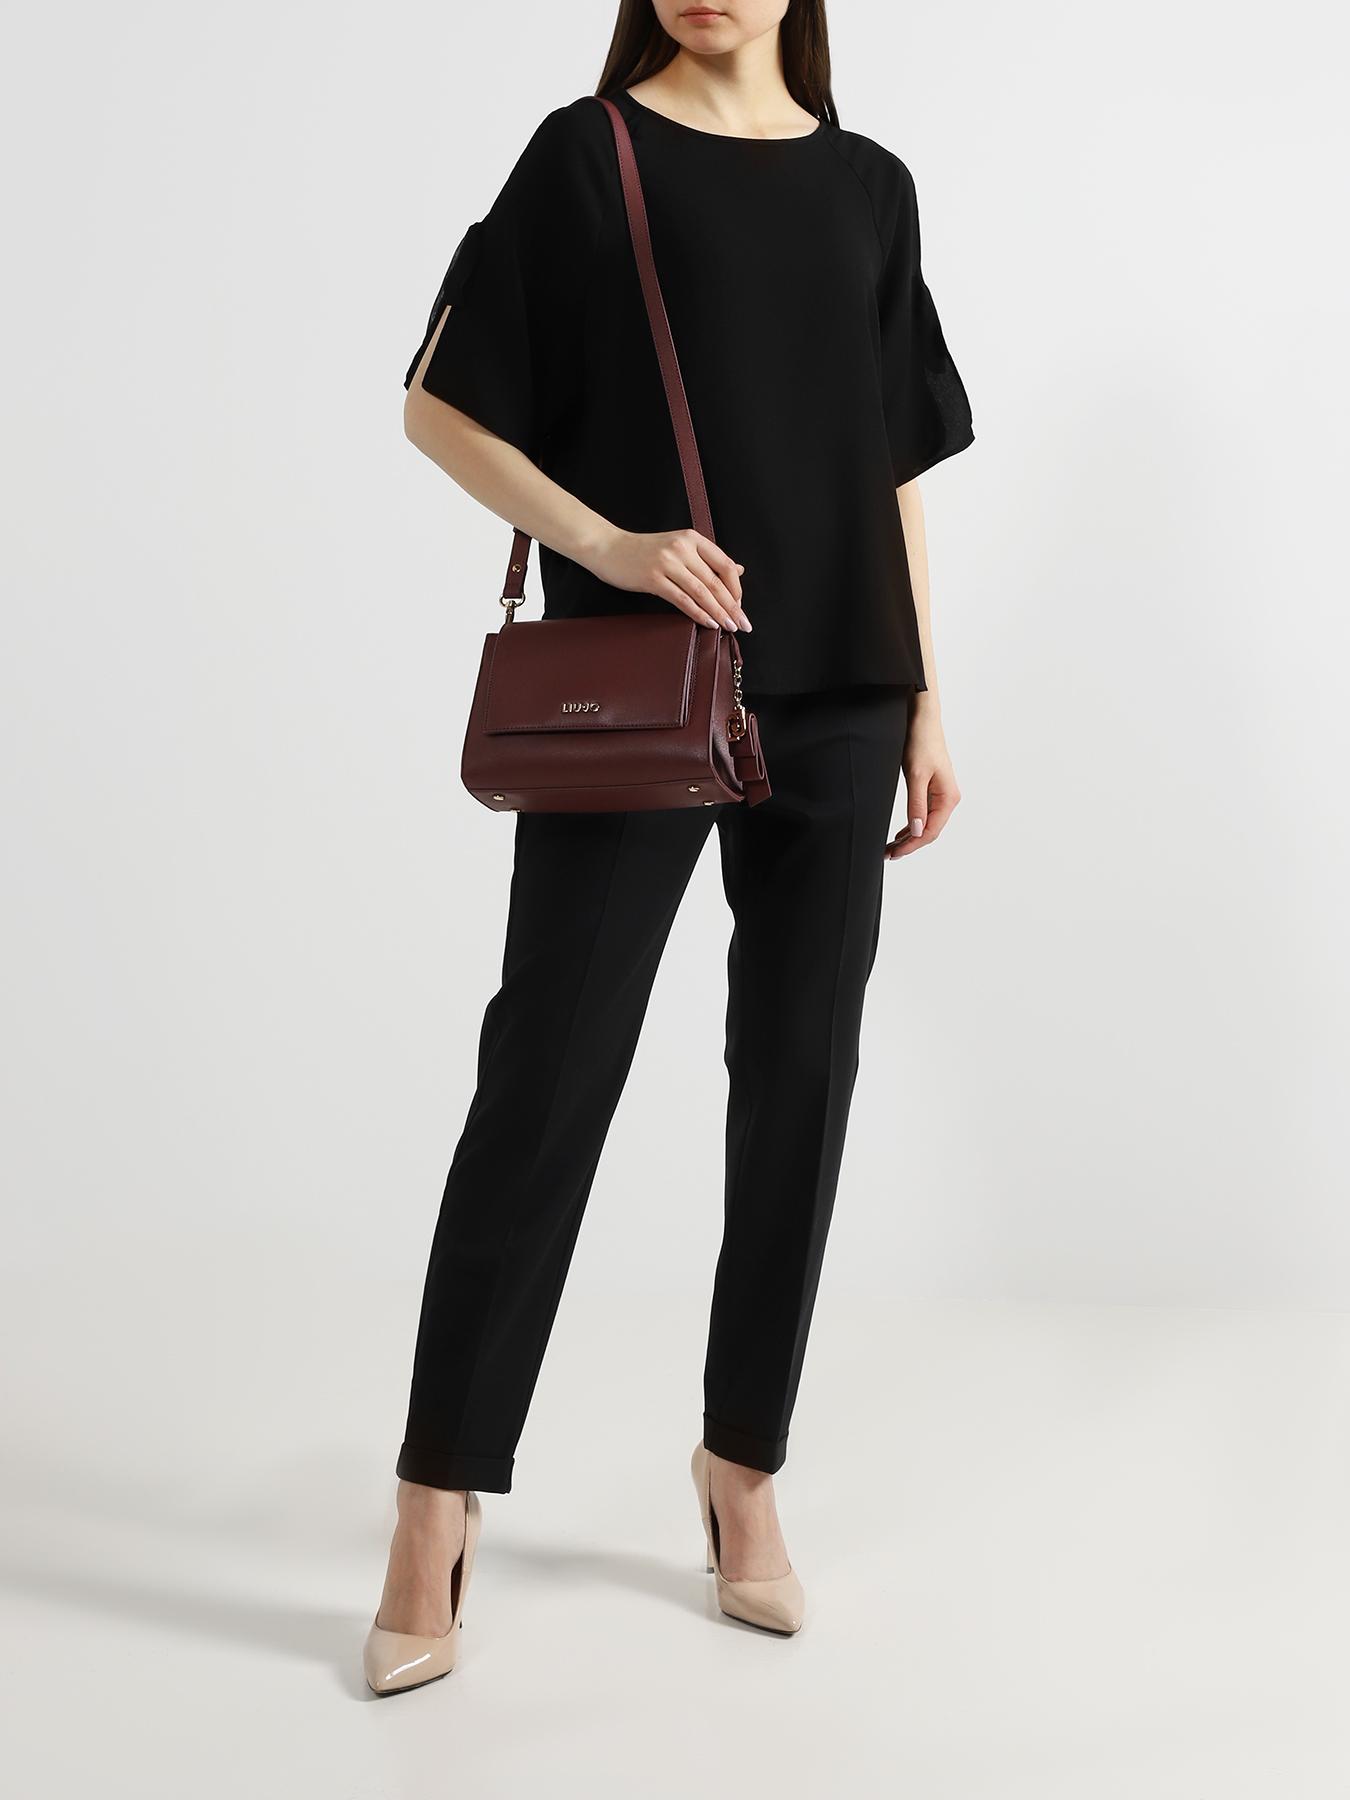 Фото - Сумка Liu Jo Женская сумка сумка женская 29 4e 001 8 цвет светло серый